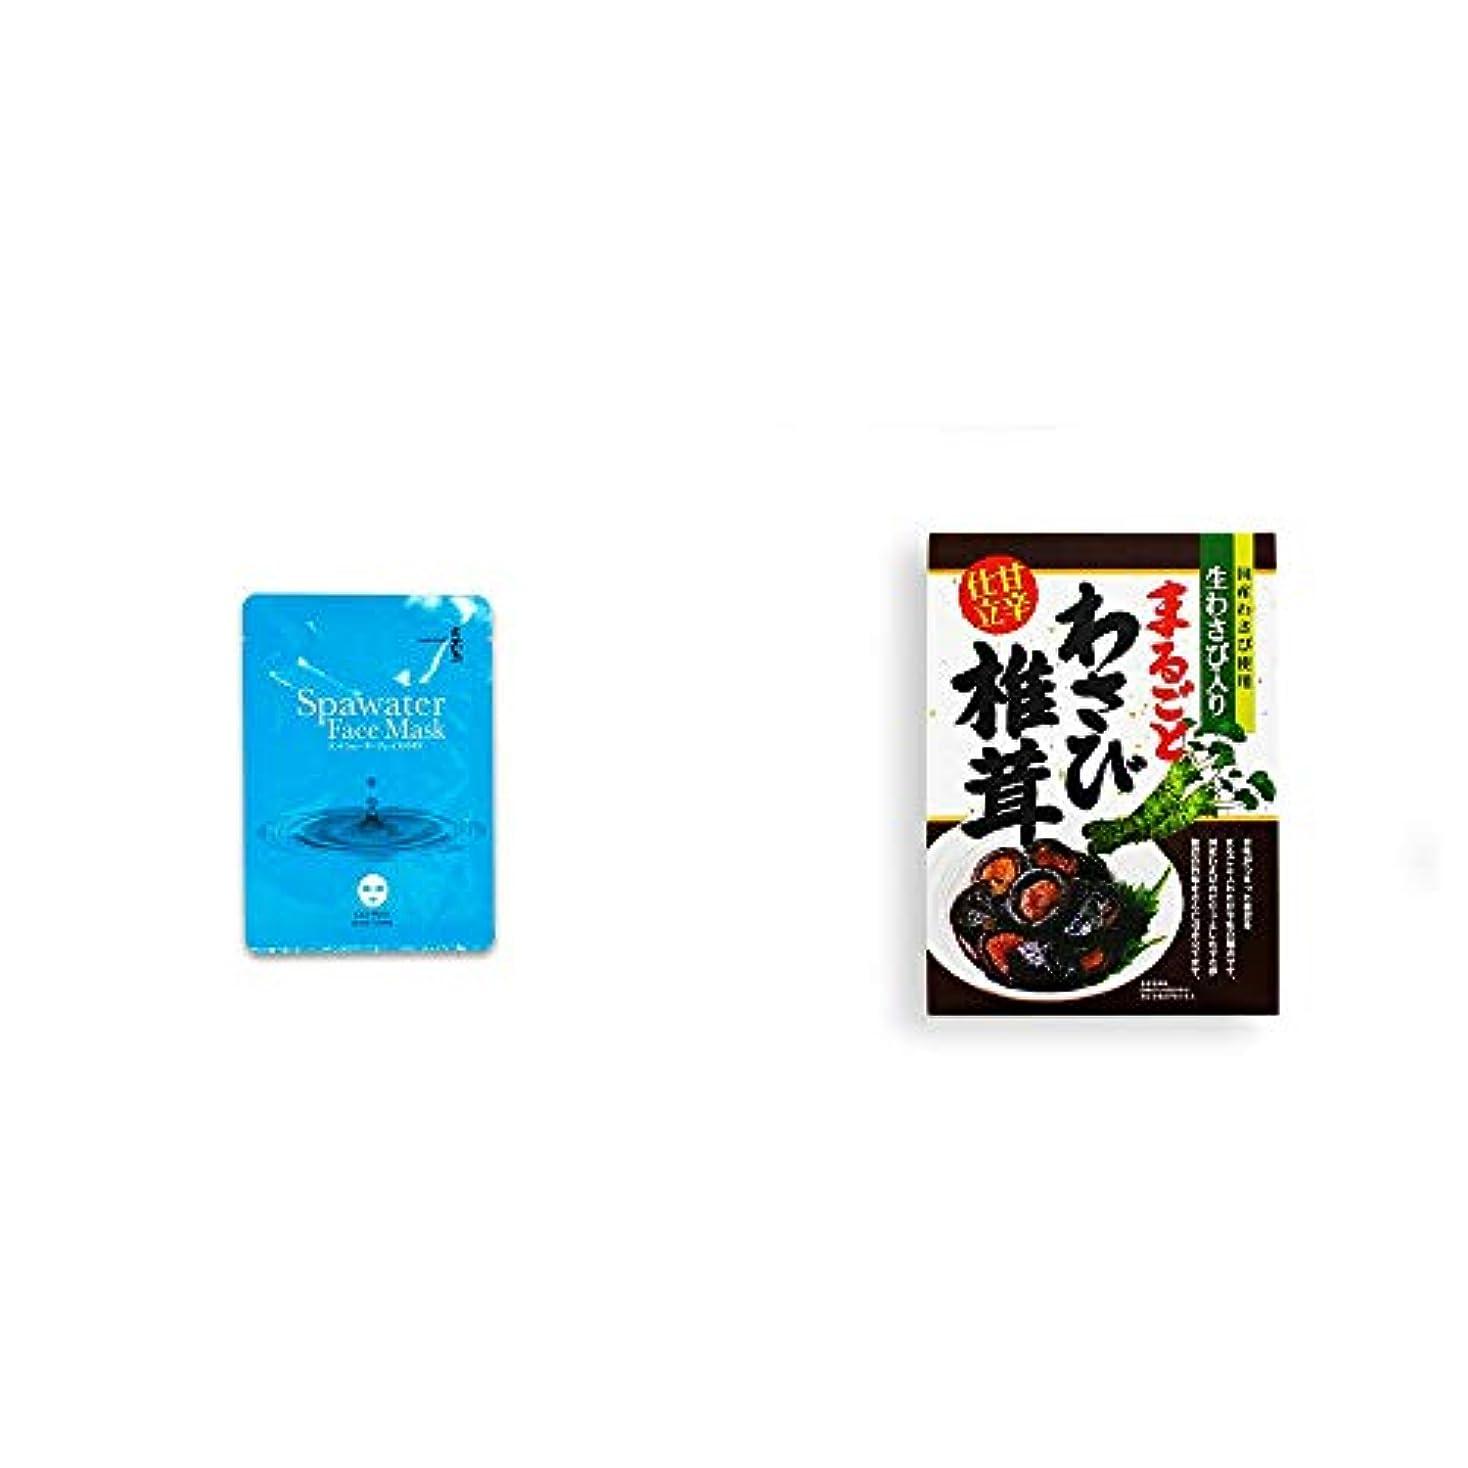 再集計構成員エンターテインメント[2点セット] ひのき炭黒泉 スパウォーターフェイスマスク(18ml×3枚入)?まるごとわさび椎茸(200g)